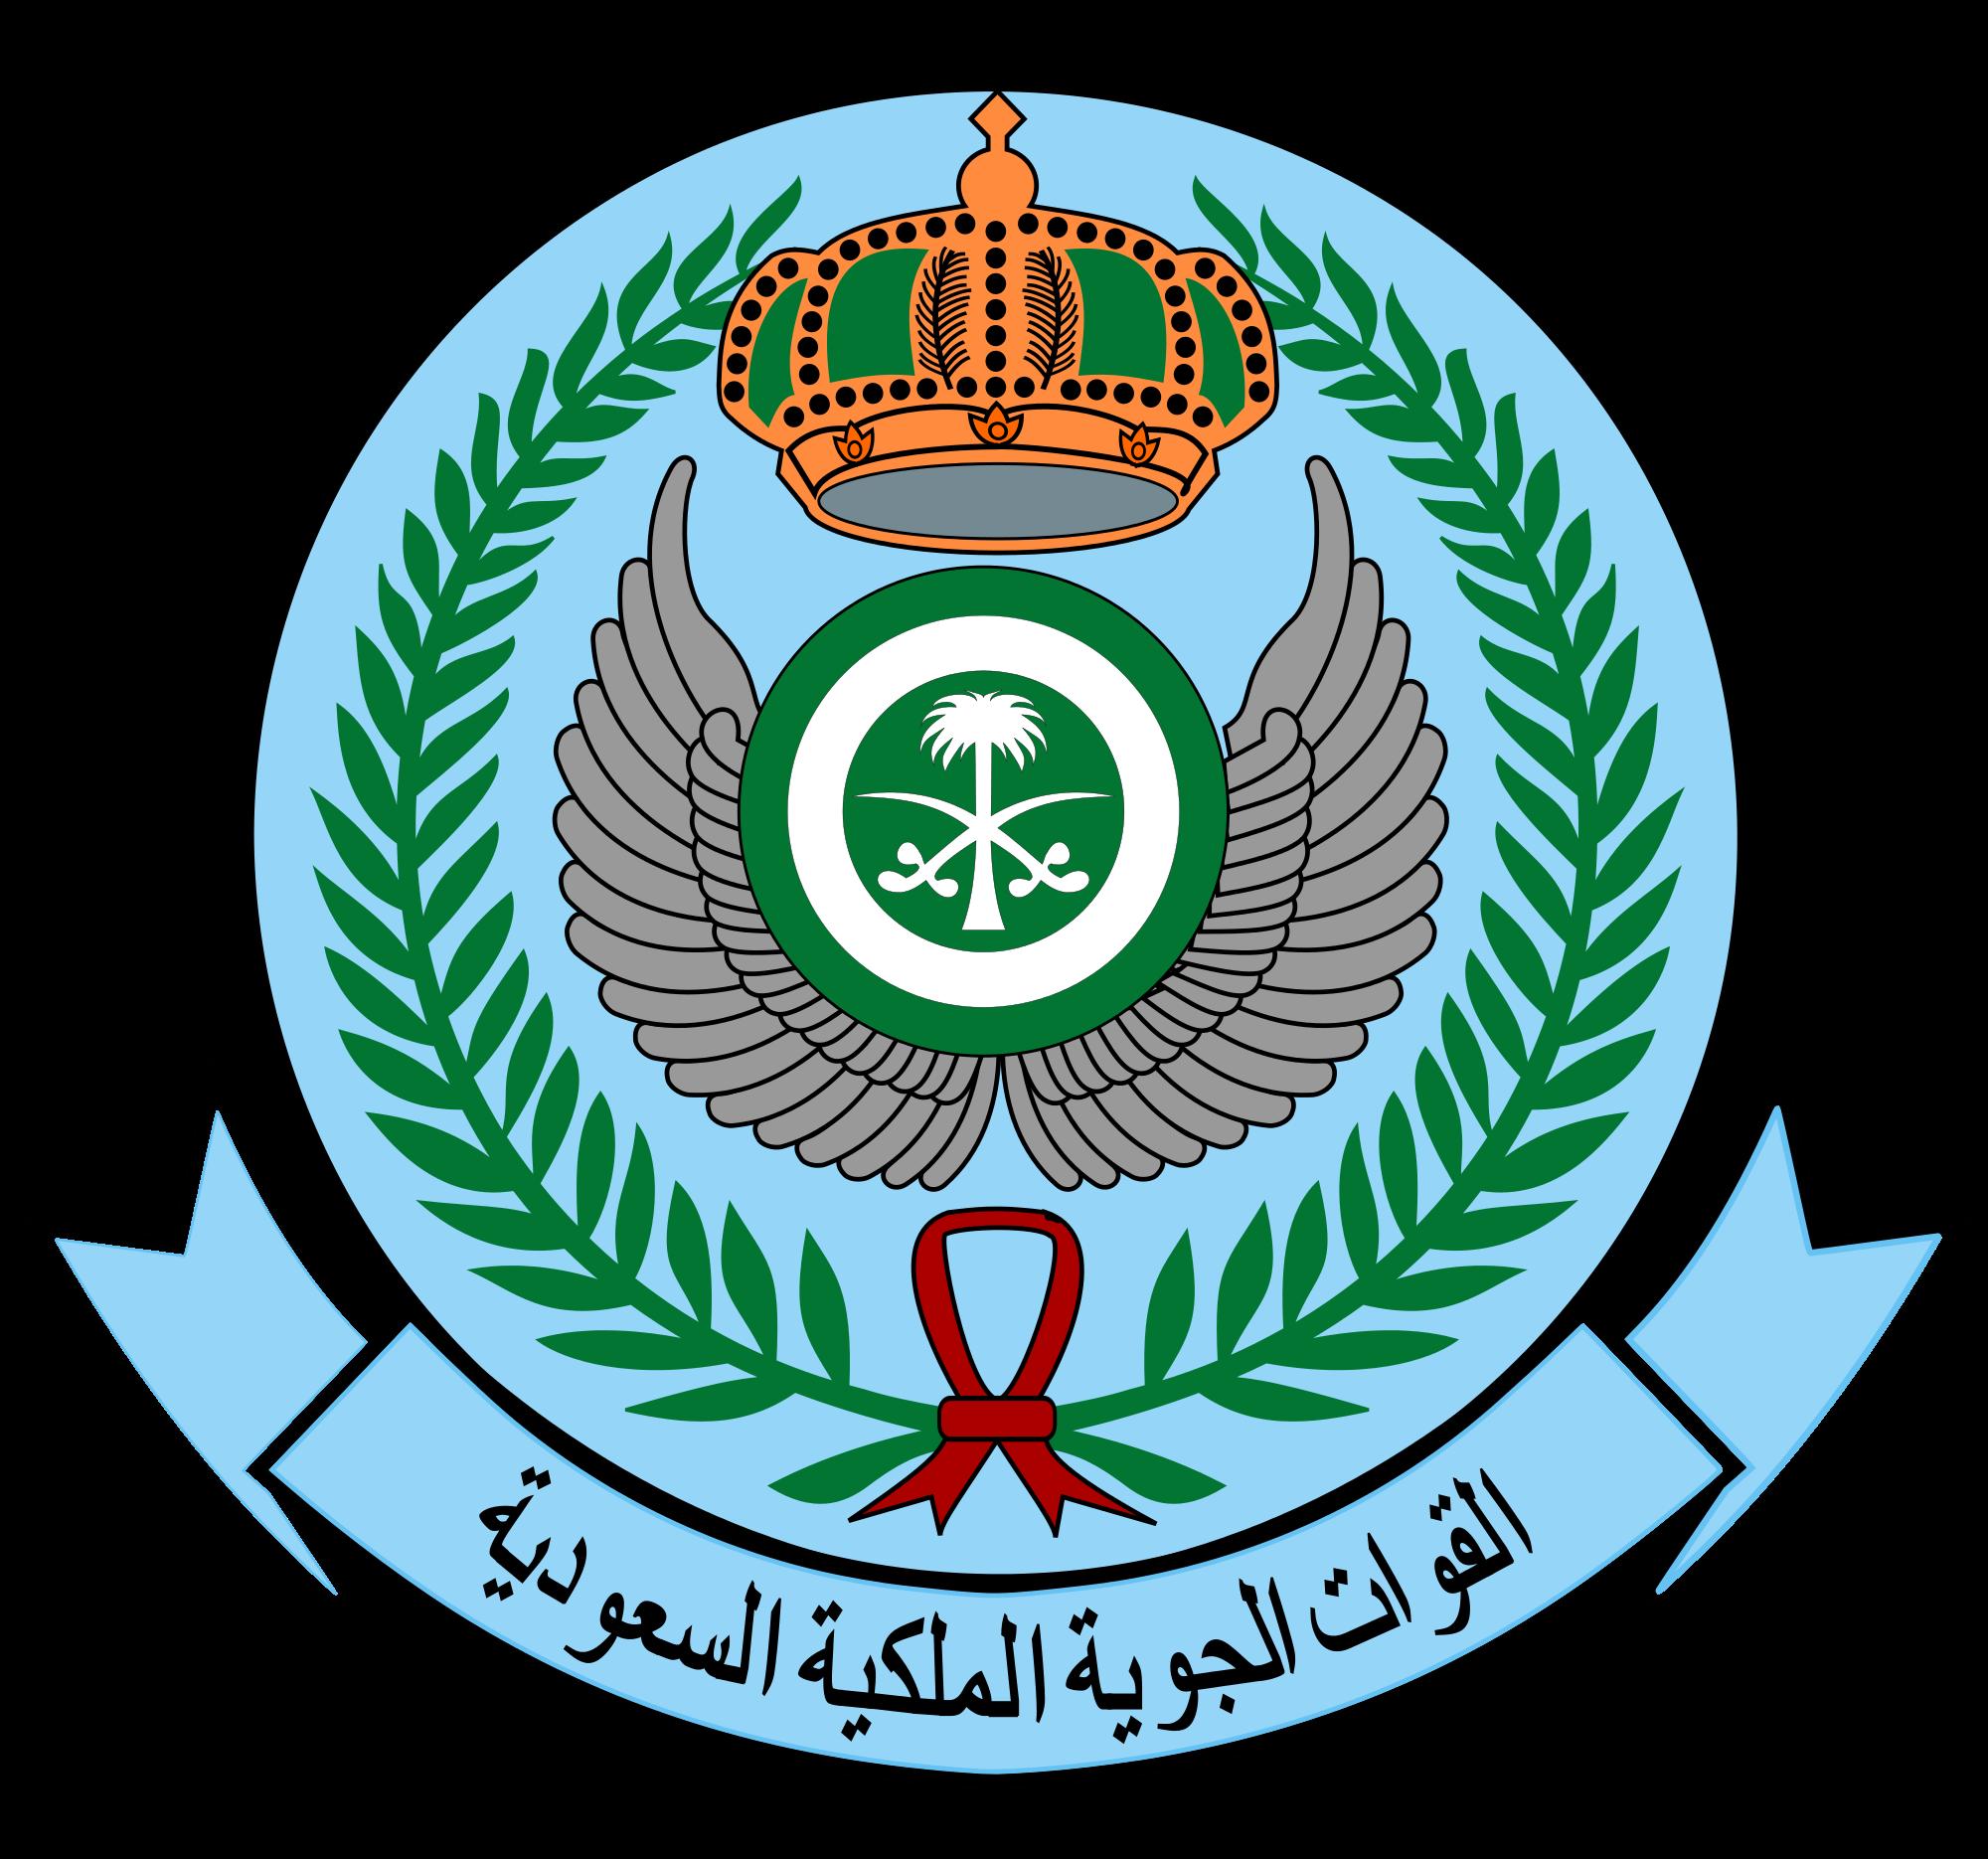 قوات الجوية الملكية السعودية تعلن عن بدء القبول و التسجيل بمعهد الدراسات الفنية للقوات الجوية بالظهران لحملة الثانوية العامة